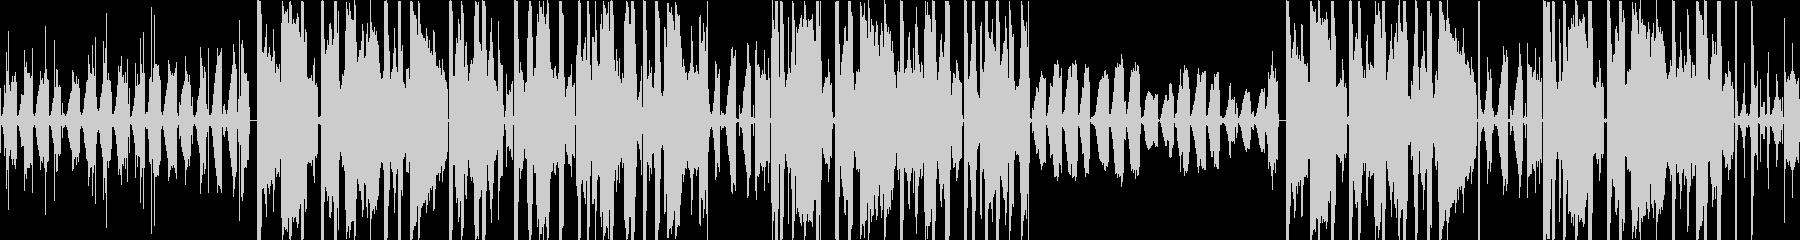 深夜のLo-Fiビートの未再生の波形